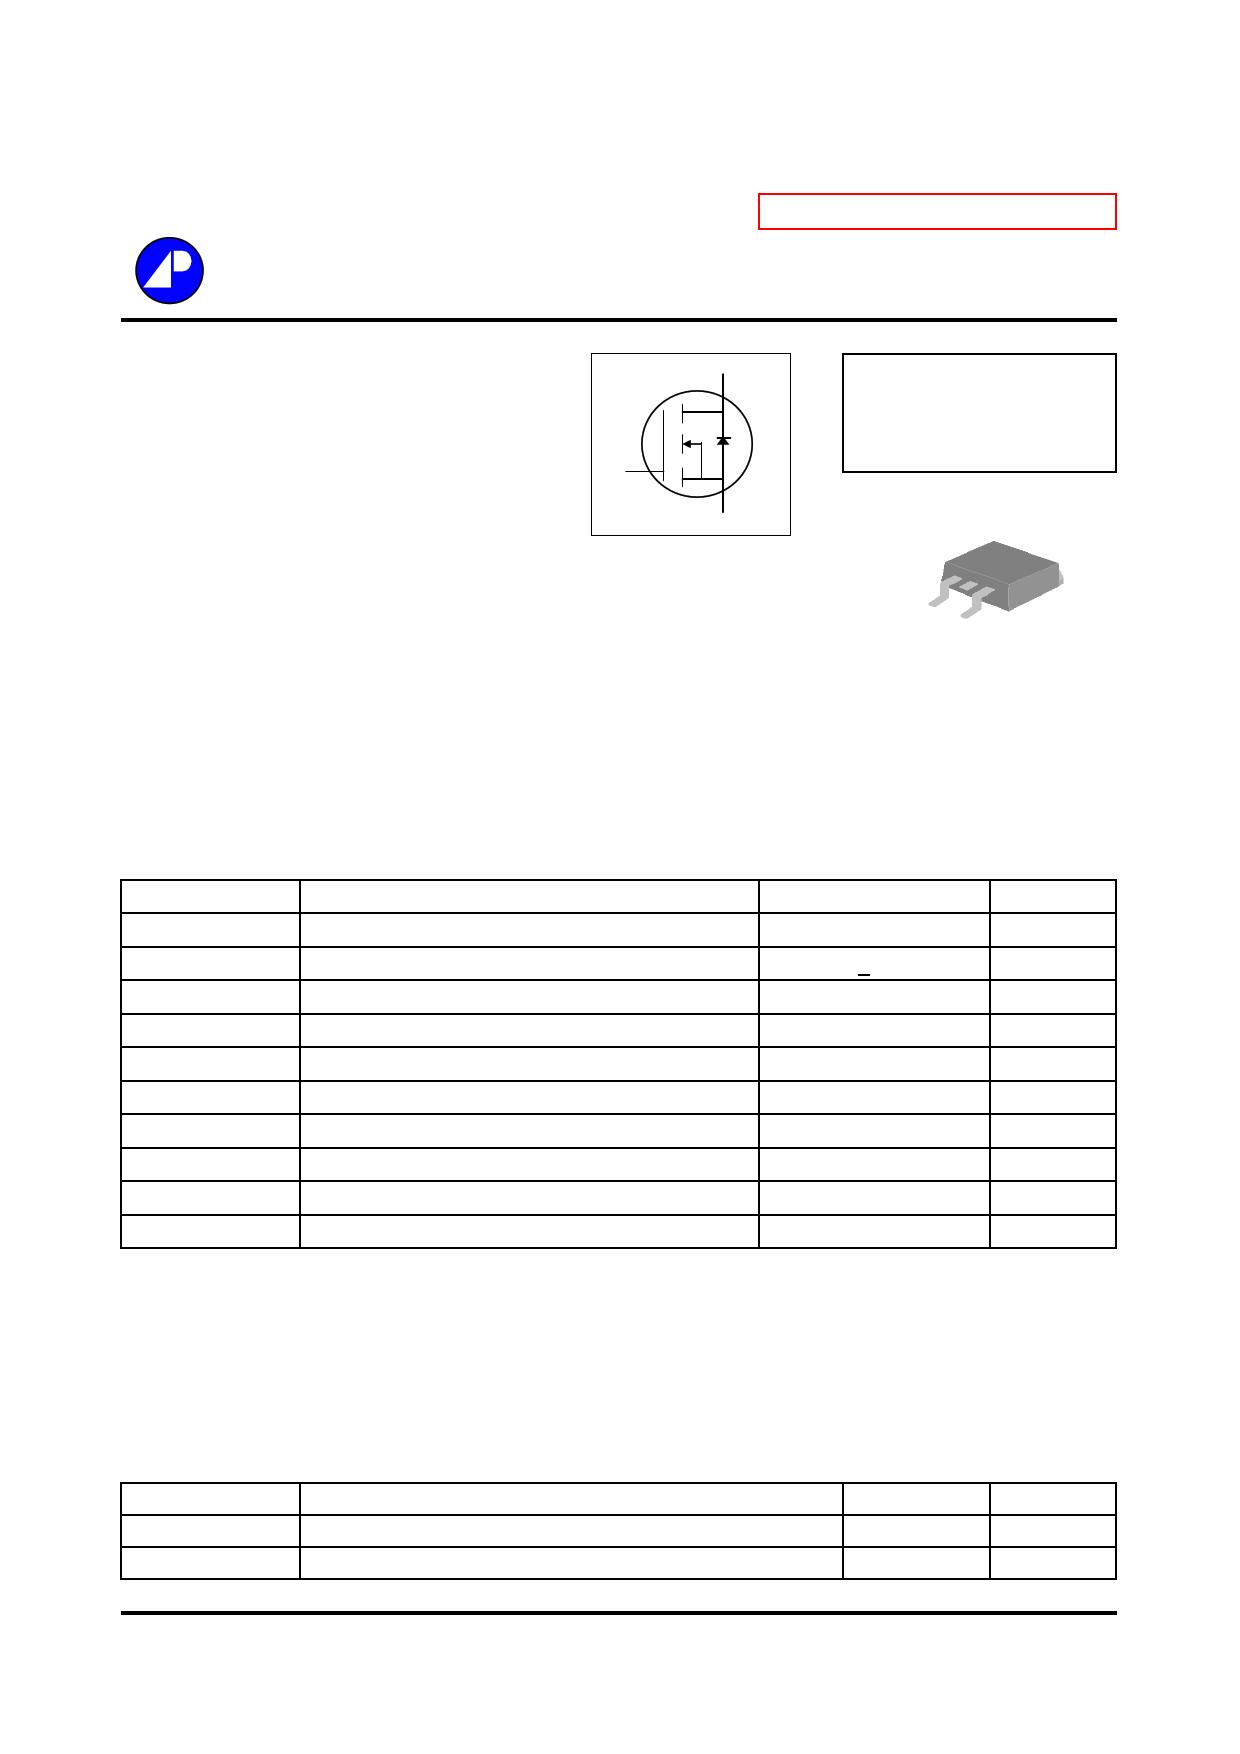 AP60T03GH-HF Datasheet, AP60T03GH-HF PDF,ピン配置, 機能